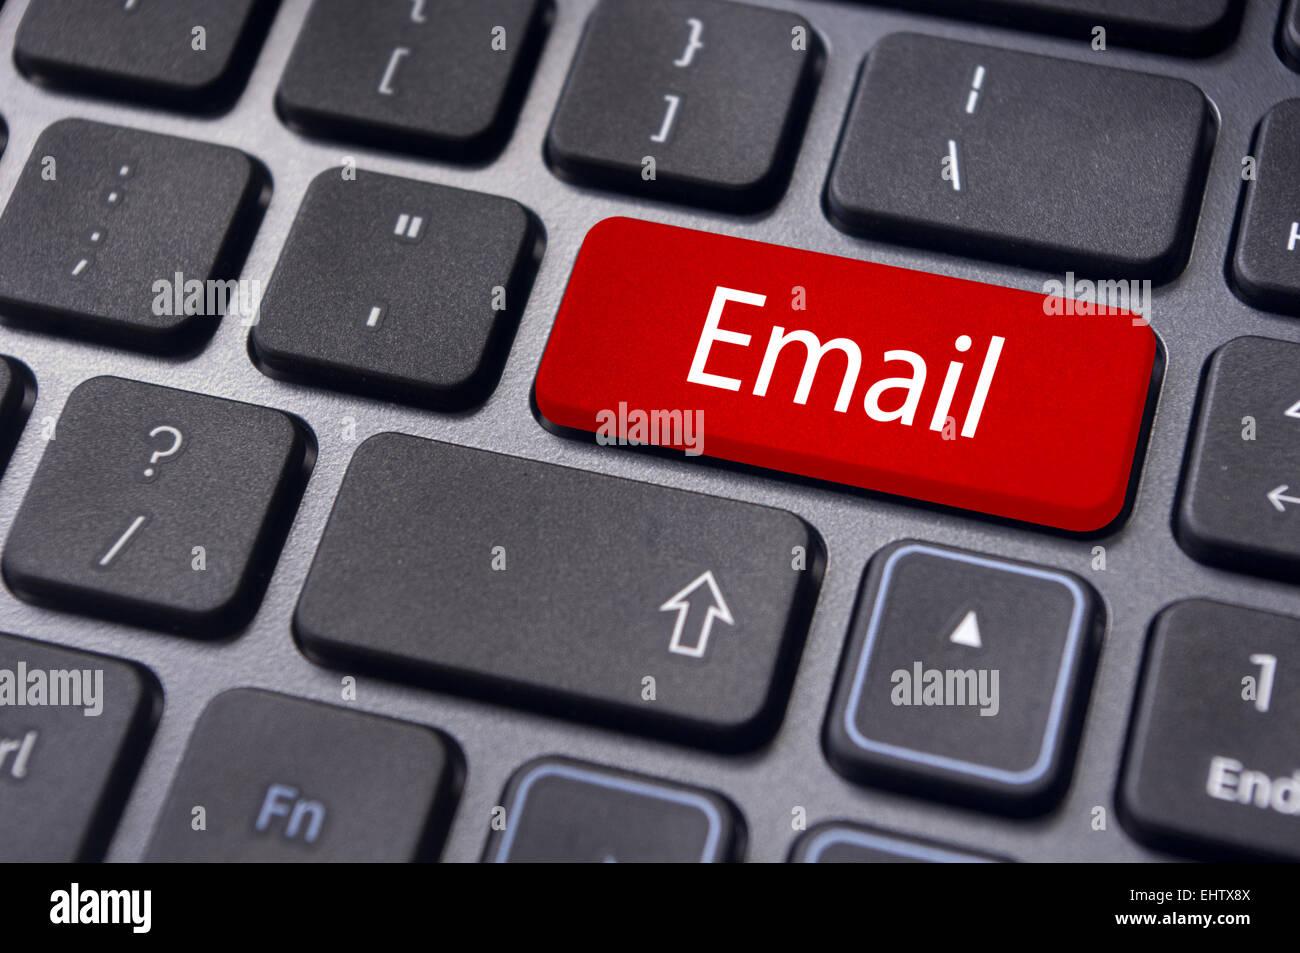 Concetti di e-mail, messaggi sulla tastiera Immagini Stock